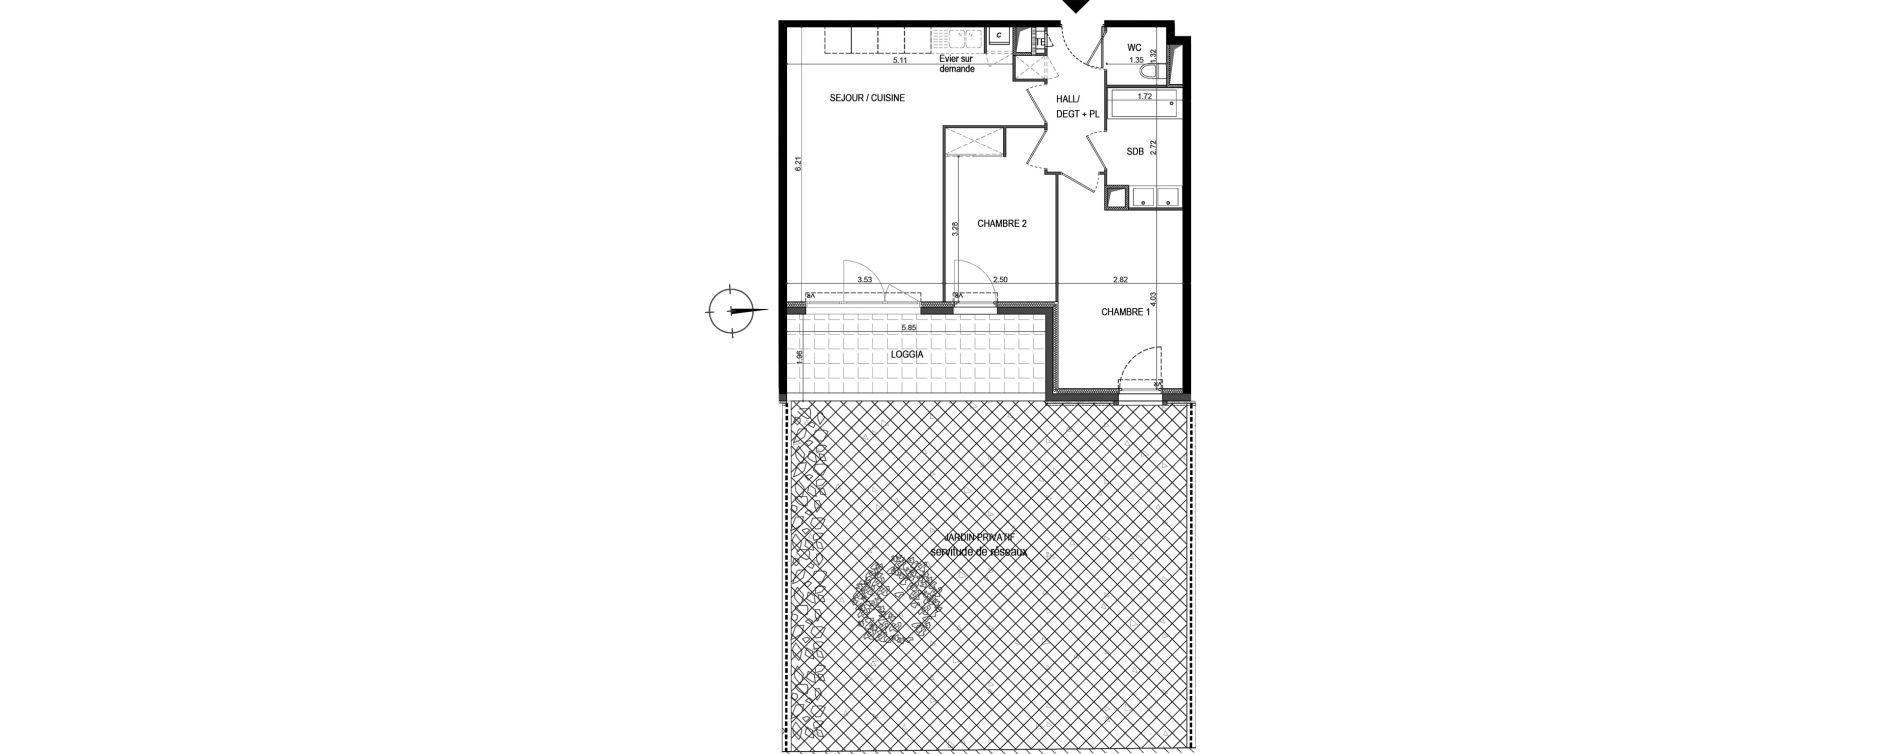 Appartement T3 de 58,58 m2 à La Seyne-Sur-Mer Porte marine